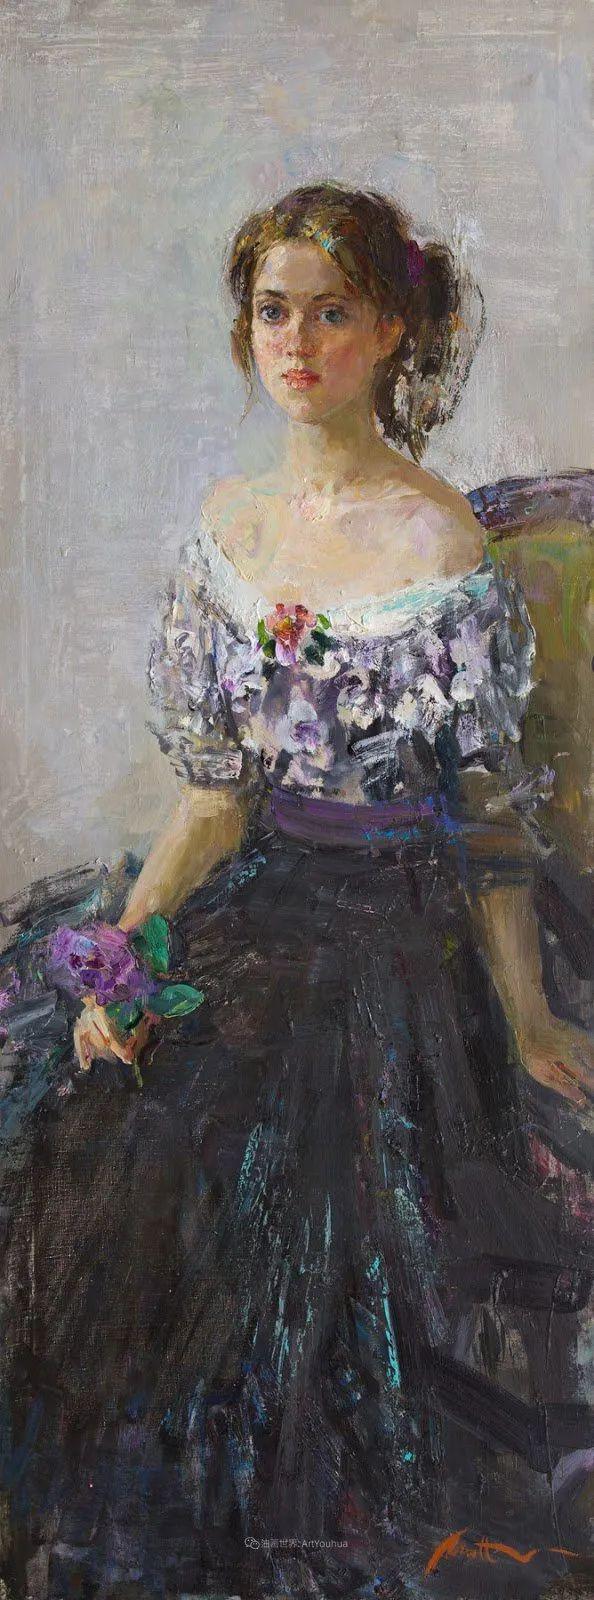 超美的具象油画色彩,俄罗斯青年女画家Anastasiya Matveeva插图3